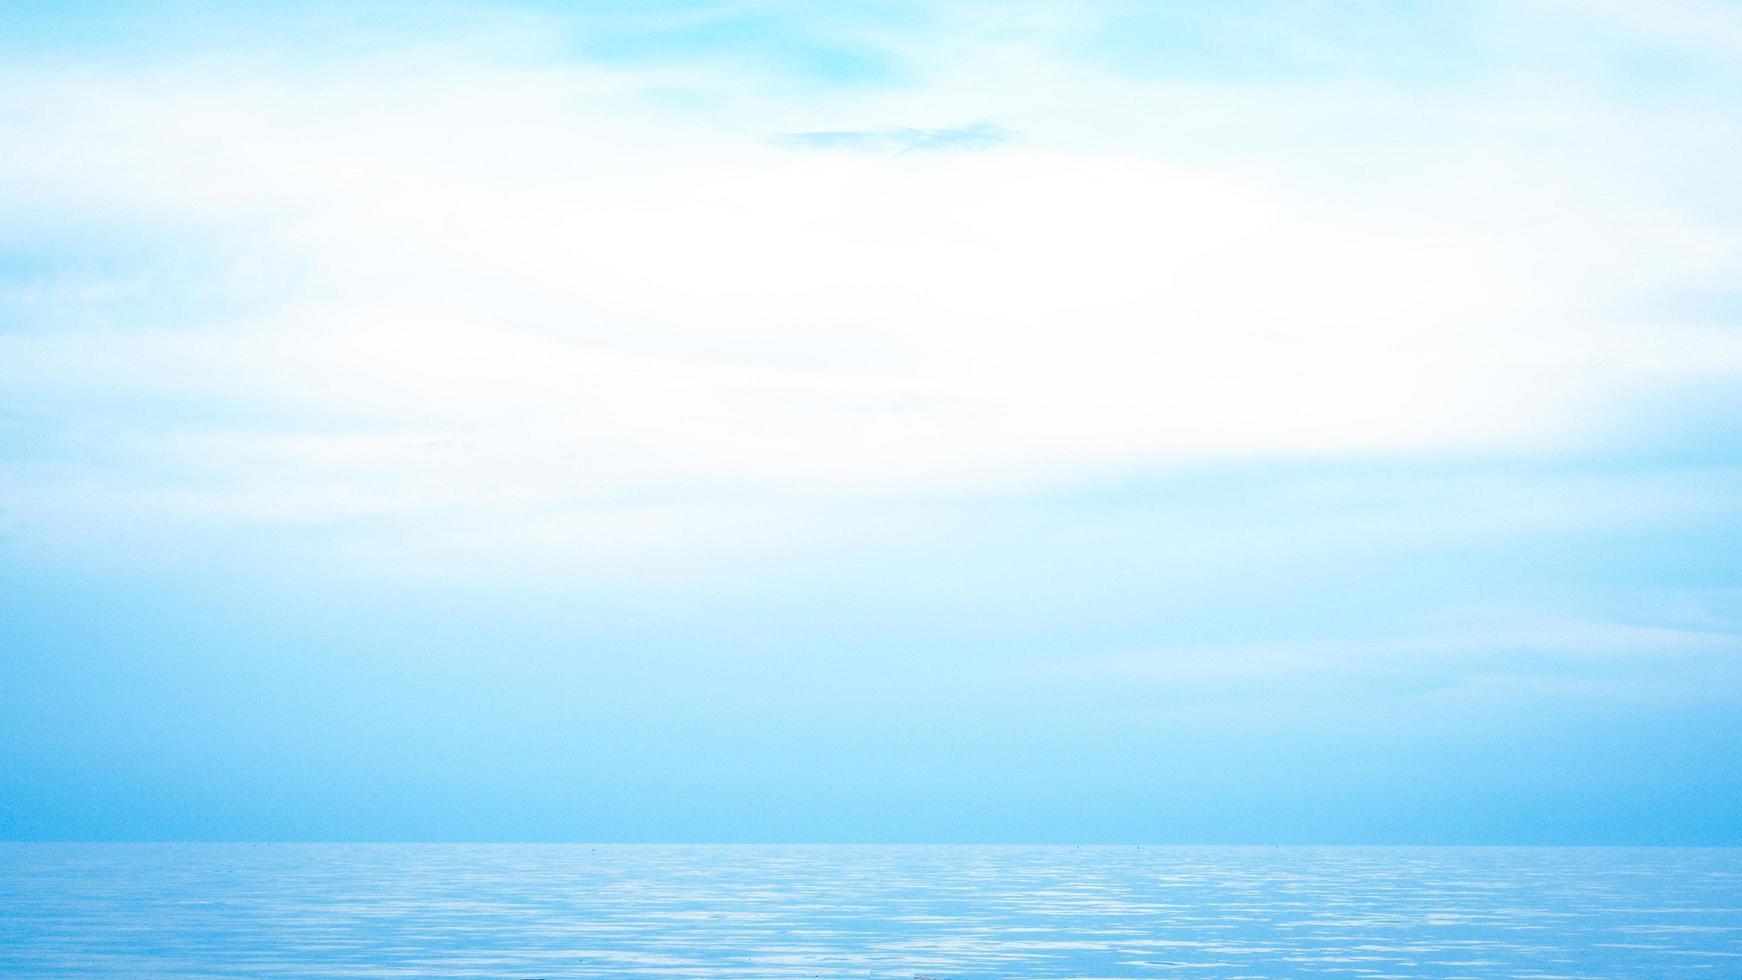 horizon de la mer magnifique paysage marin et ciel bleu photo